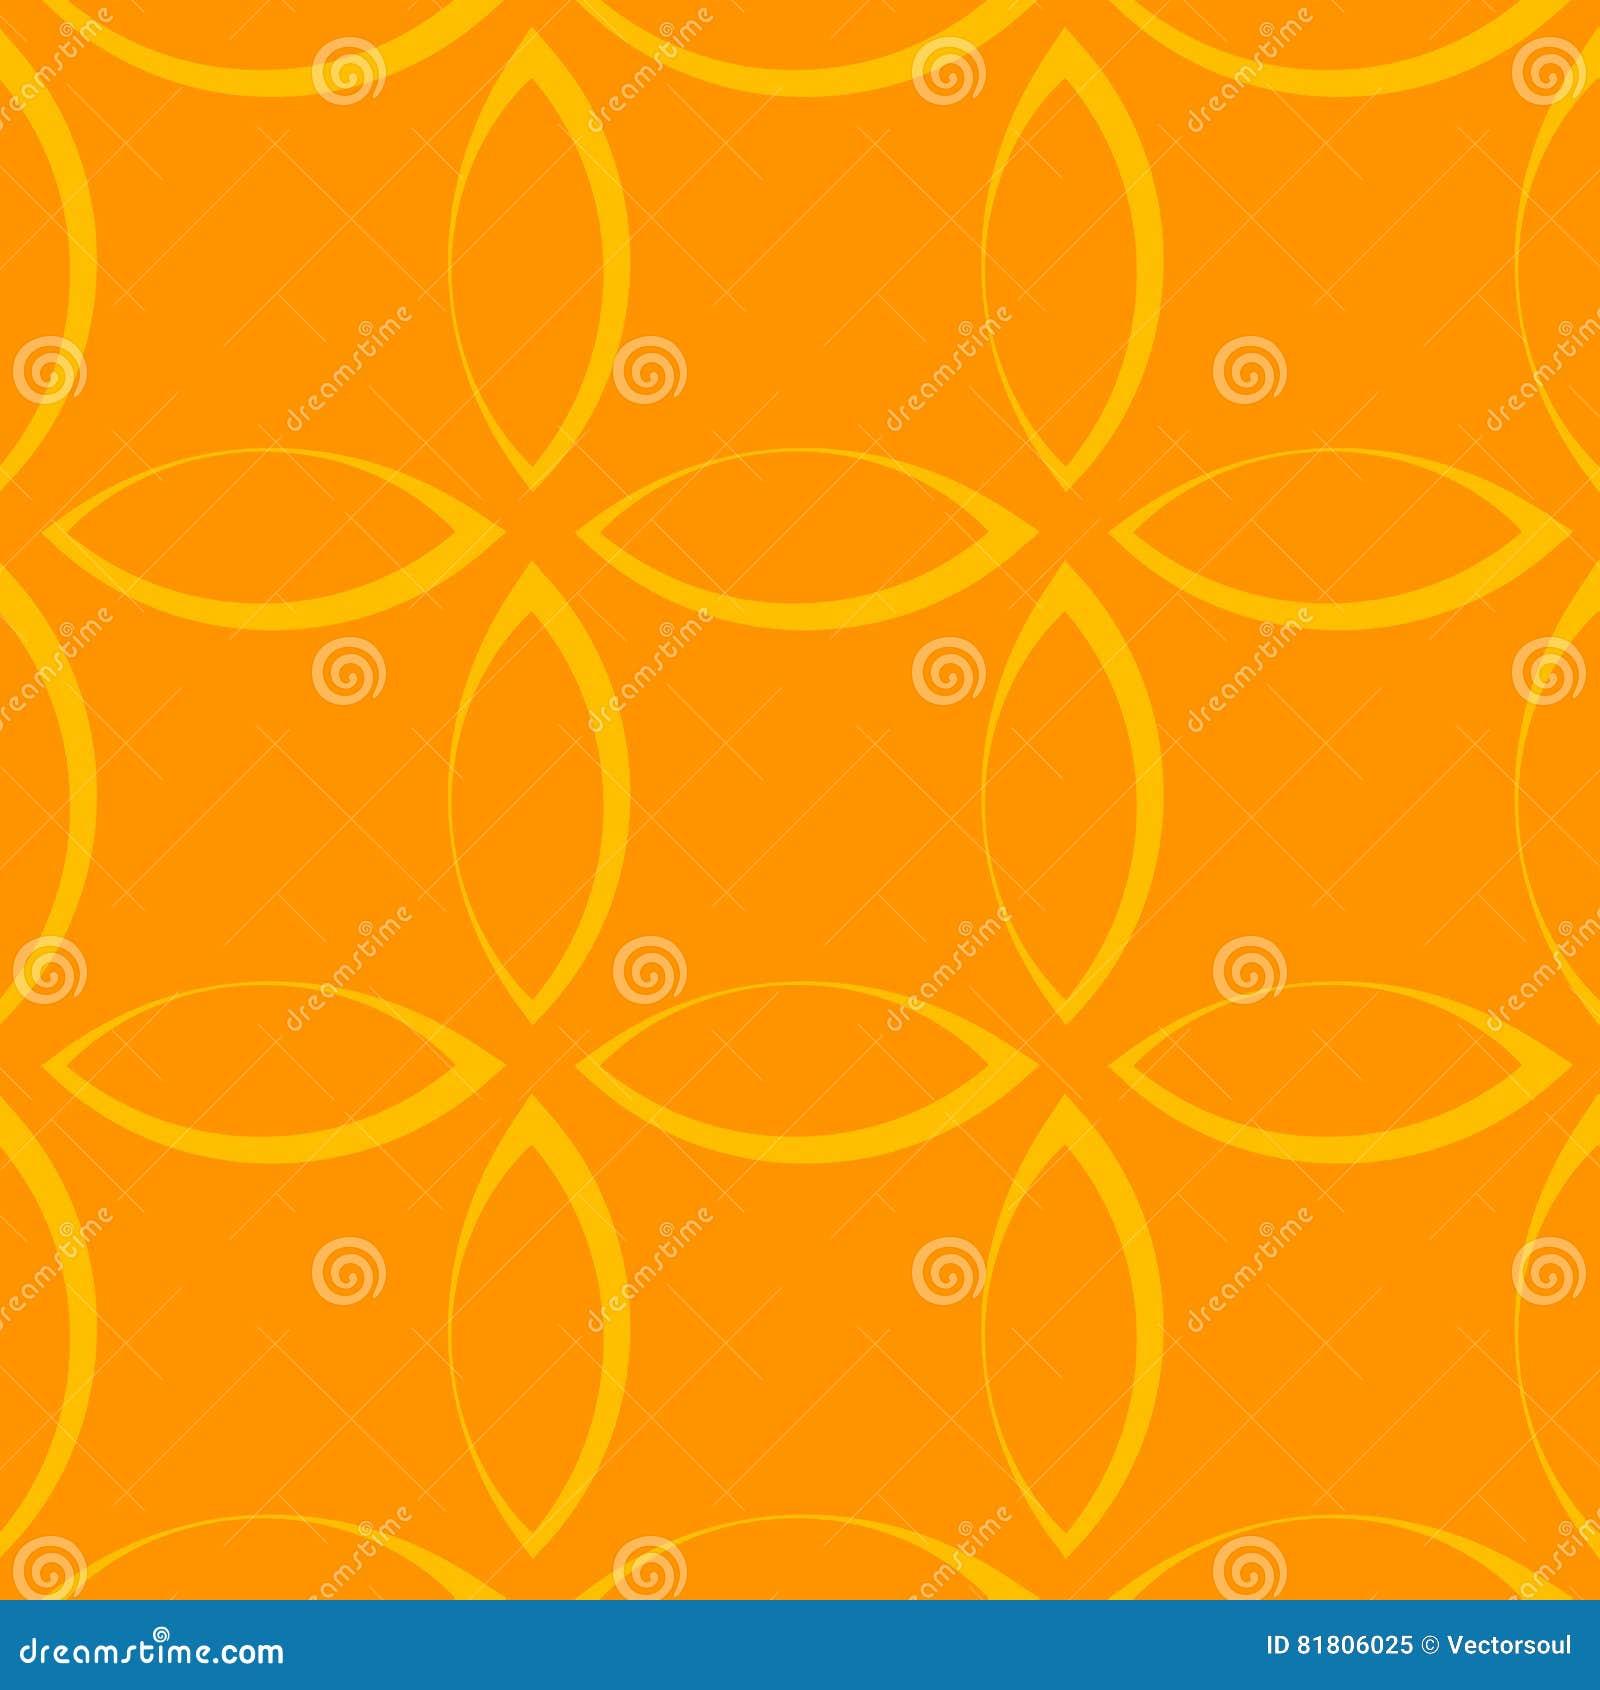 Einfarbiges sich wiederholendes Muster mit Blumenblatt-/Blumen-/Blattformen